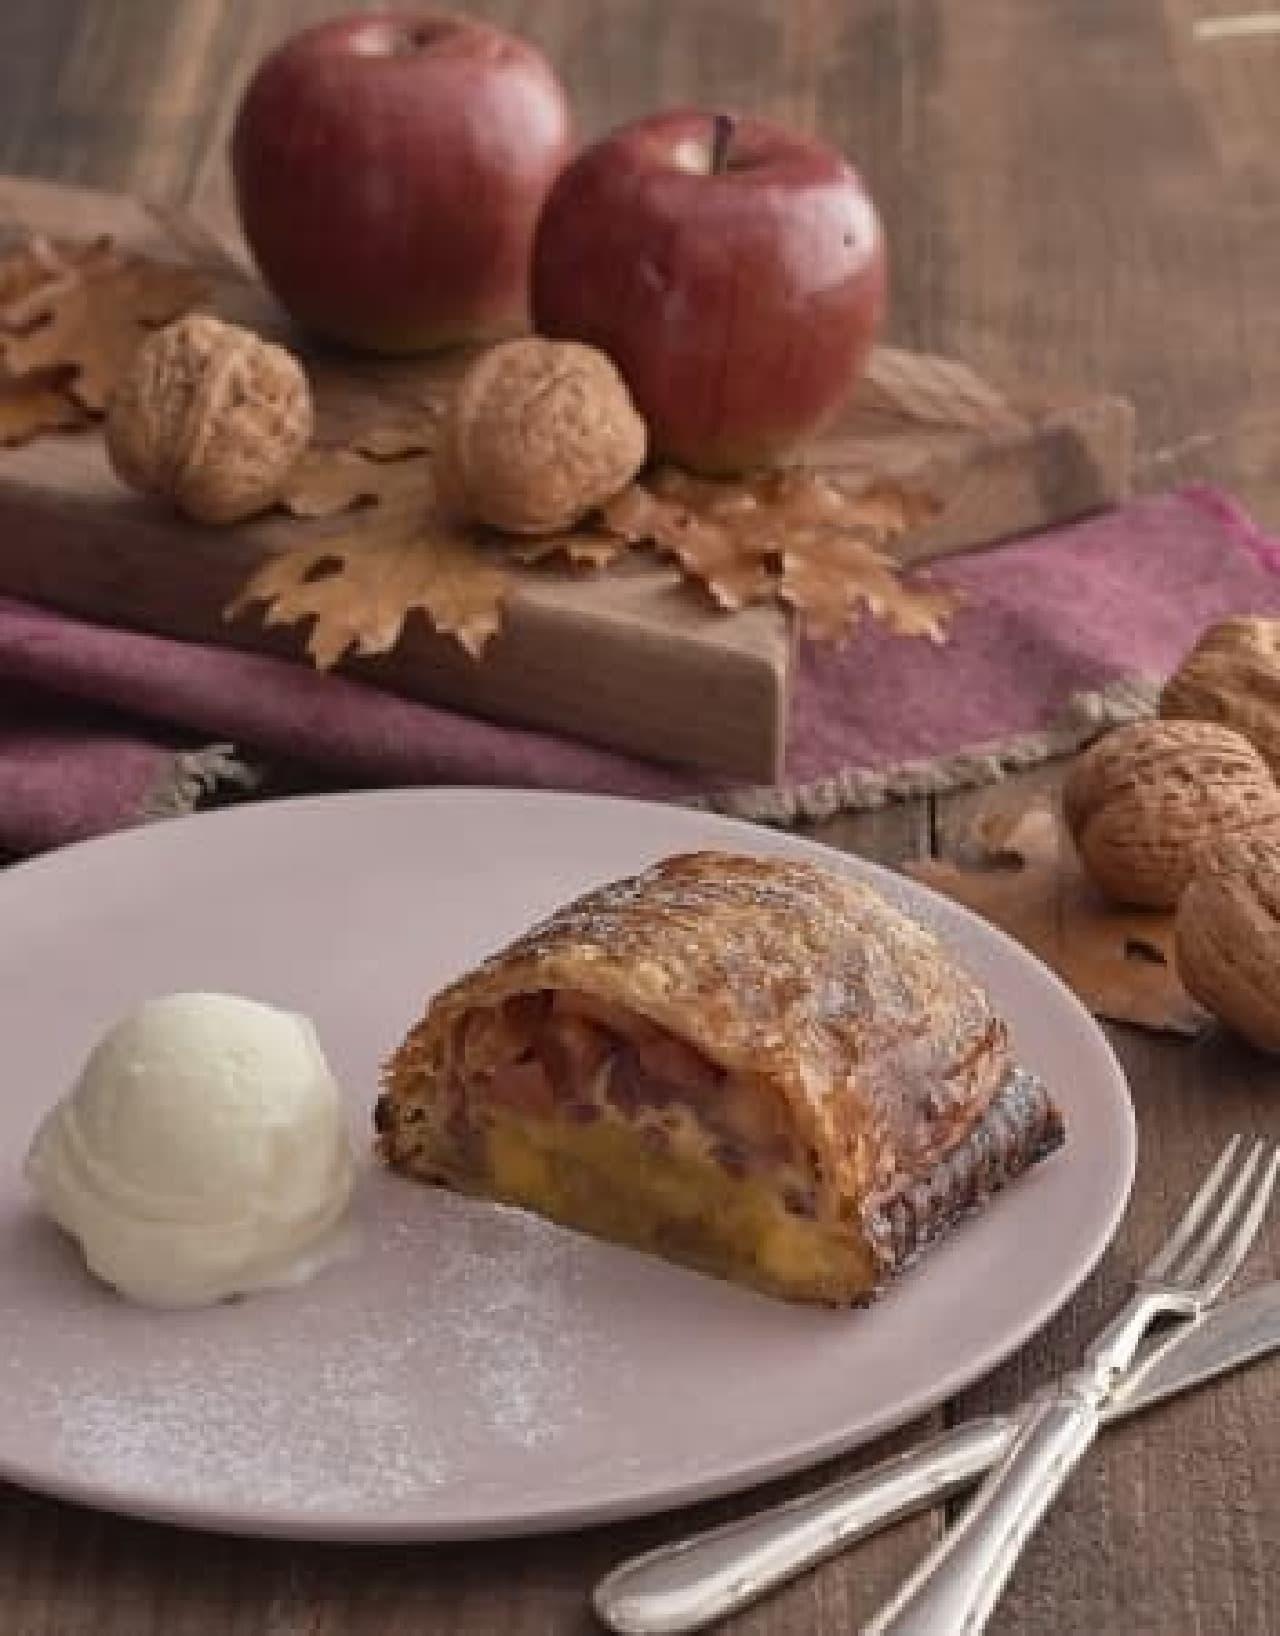 キハチ カフェ「安納芋と林檎のカスタードクリームパイ バニラアイスと共に」